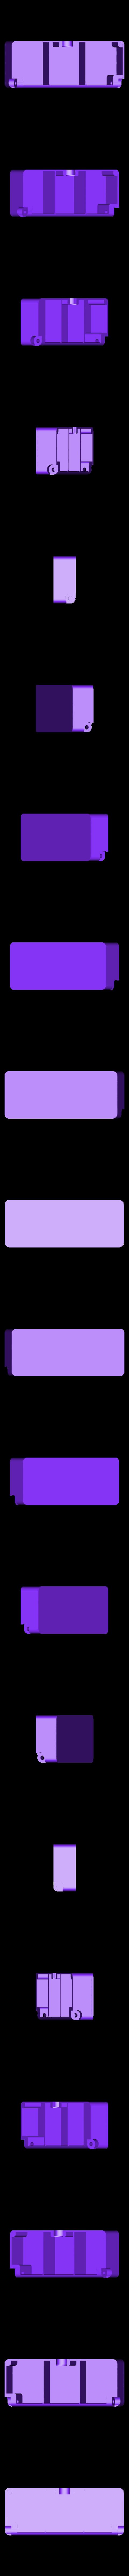 box-3.STL Télécharger fichier STL gratuit Boîte avec charnières cachées et verrouillage à clic • Objet à imprimer en 3D, 3d-dragar